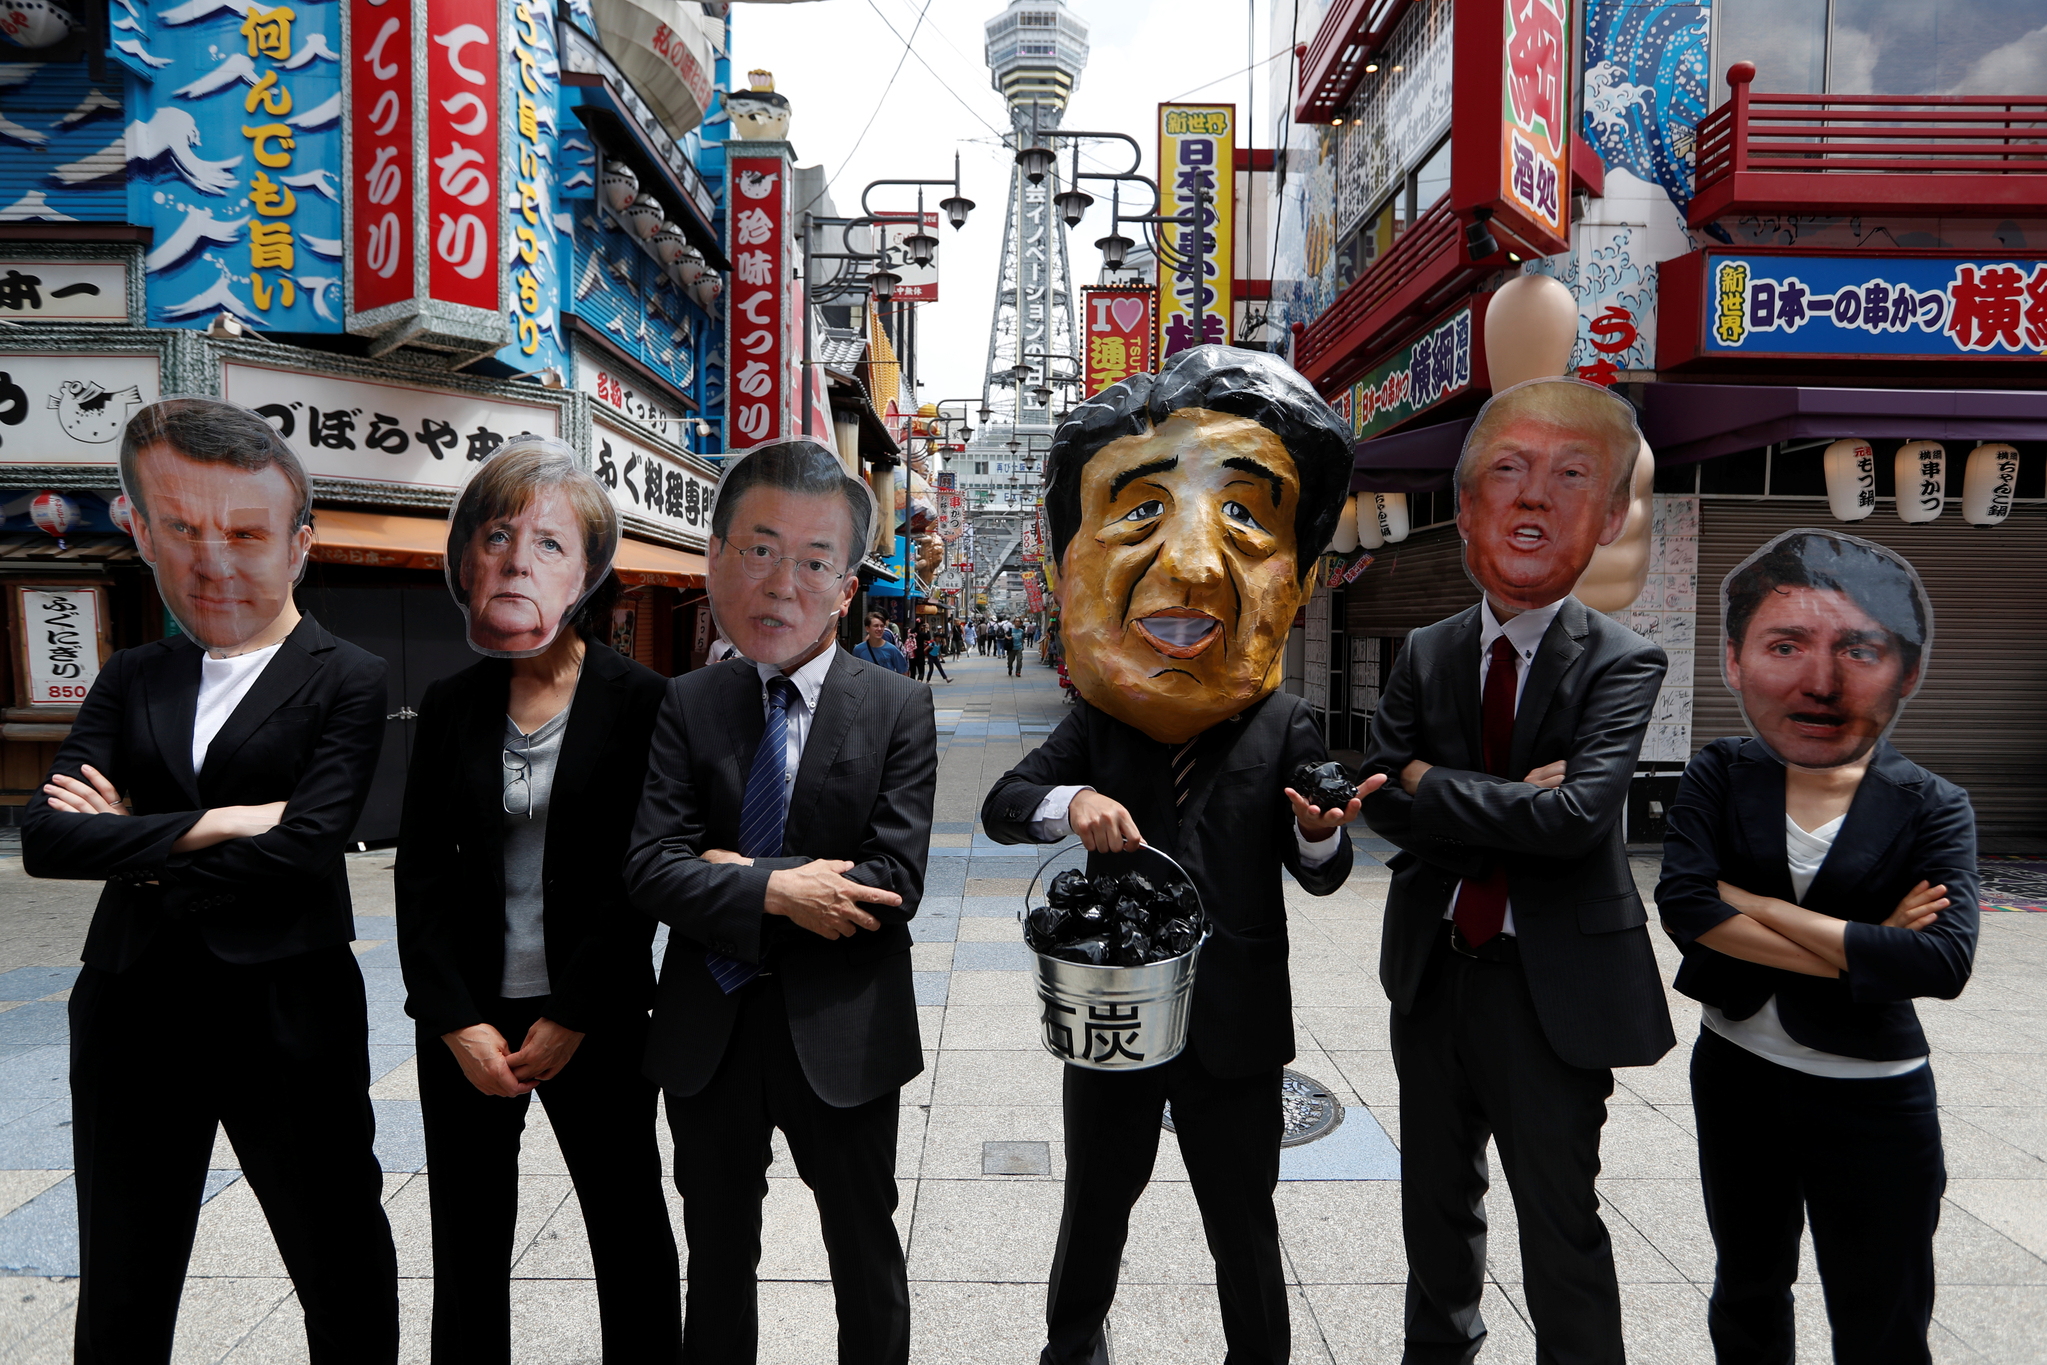 G20에 참가한 각국 정상들의 가면을 쓴 시위대가 28일 일본 오사카 시내에서 석탄화력 발전 사업에 대한 자금지원 중단을 촉구하는 시위를 하고 있다. 왼쪽부터 에마뉘엘 마크롱 프랑스 대통령, 앙겔라 메르켈 독일 총리, 문재인 대통령, 아베 신조 일본 총리, 도널드 트럼프 미국 대통령, 저스틴 트뤼도 캐나다 총리. [로이터=연합뉴스]